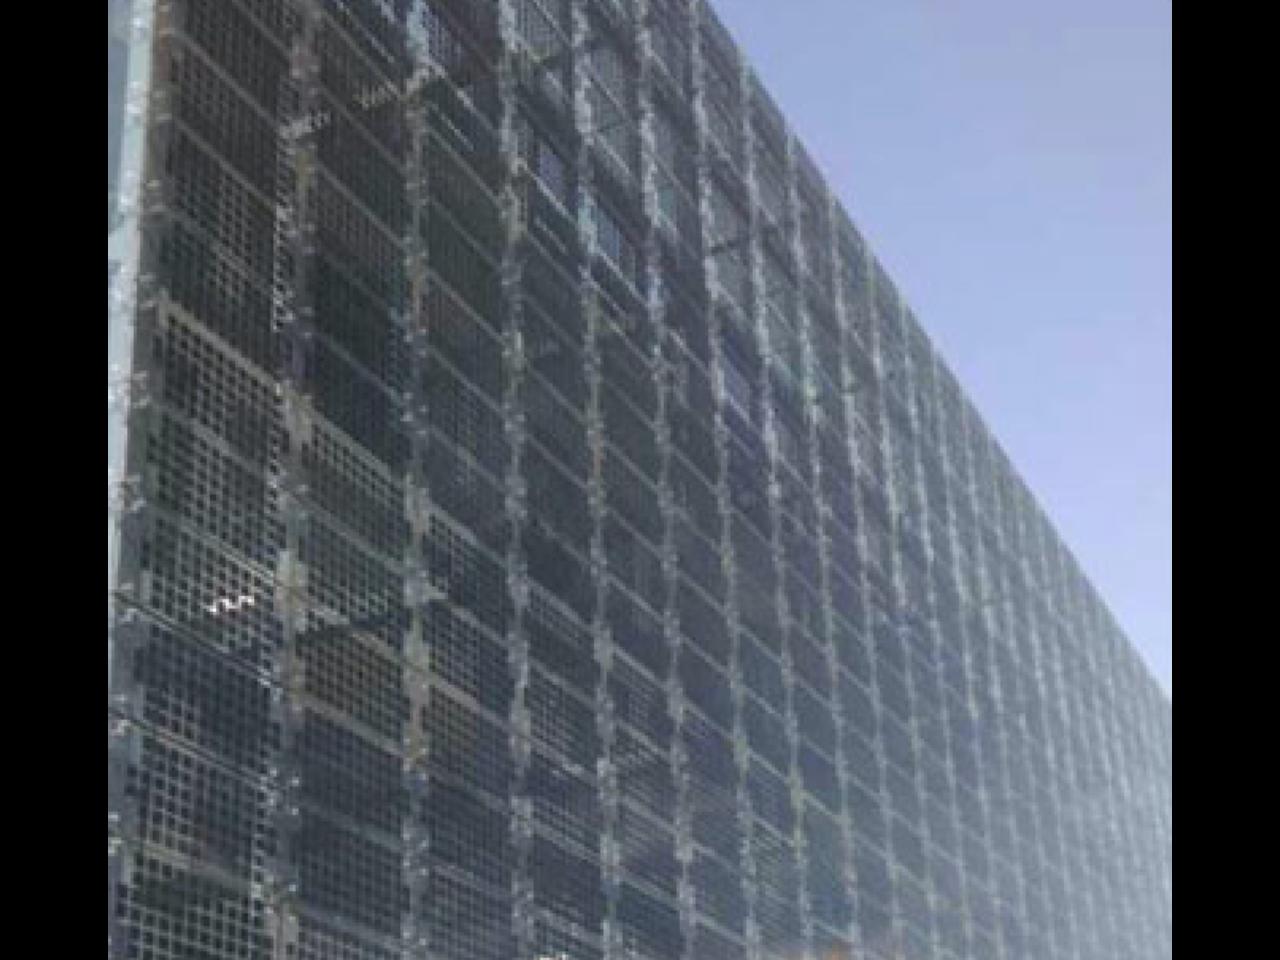 上海进口光伏幕墙系统集中运维技术规范 贴心服务「上海后羿新能源供应」